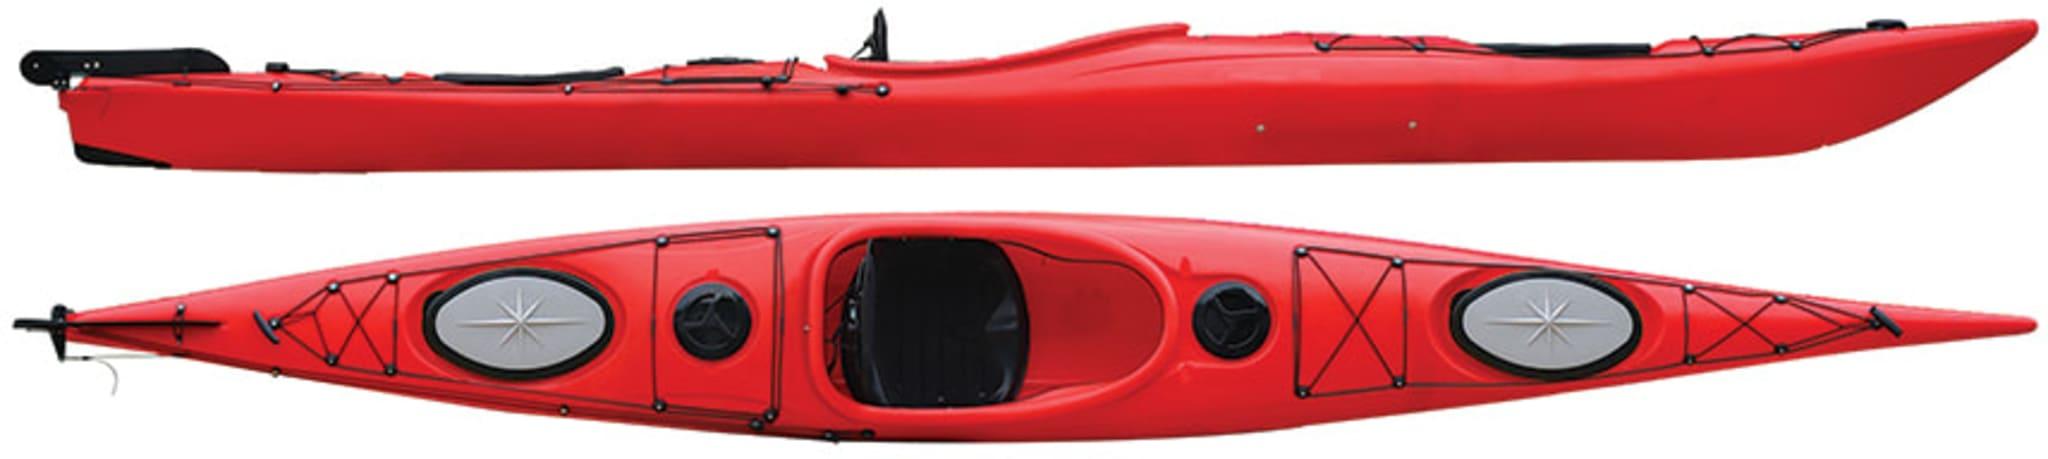 Suveren plastbåt for de som ønsker en slitesterk og stabil båt, komplett med åre!